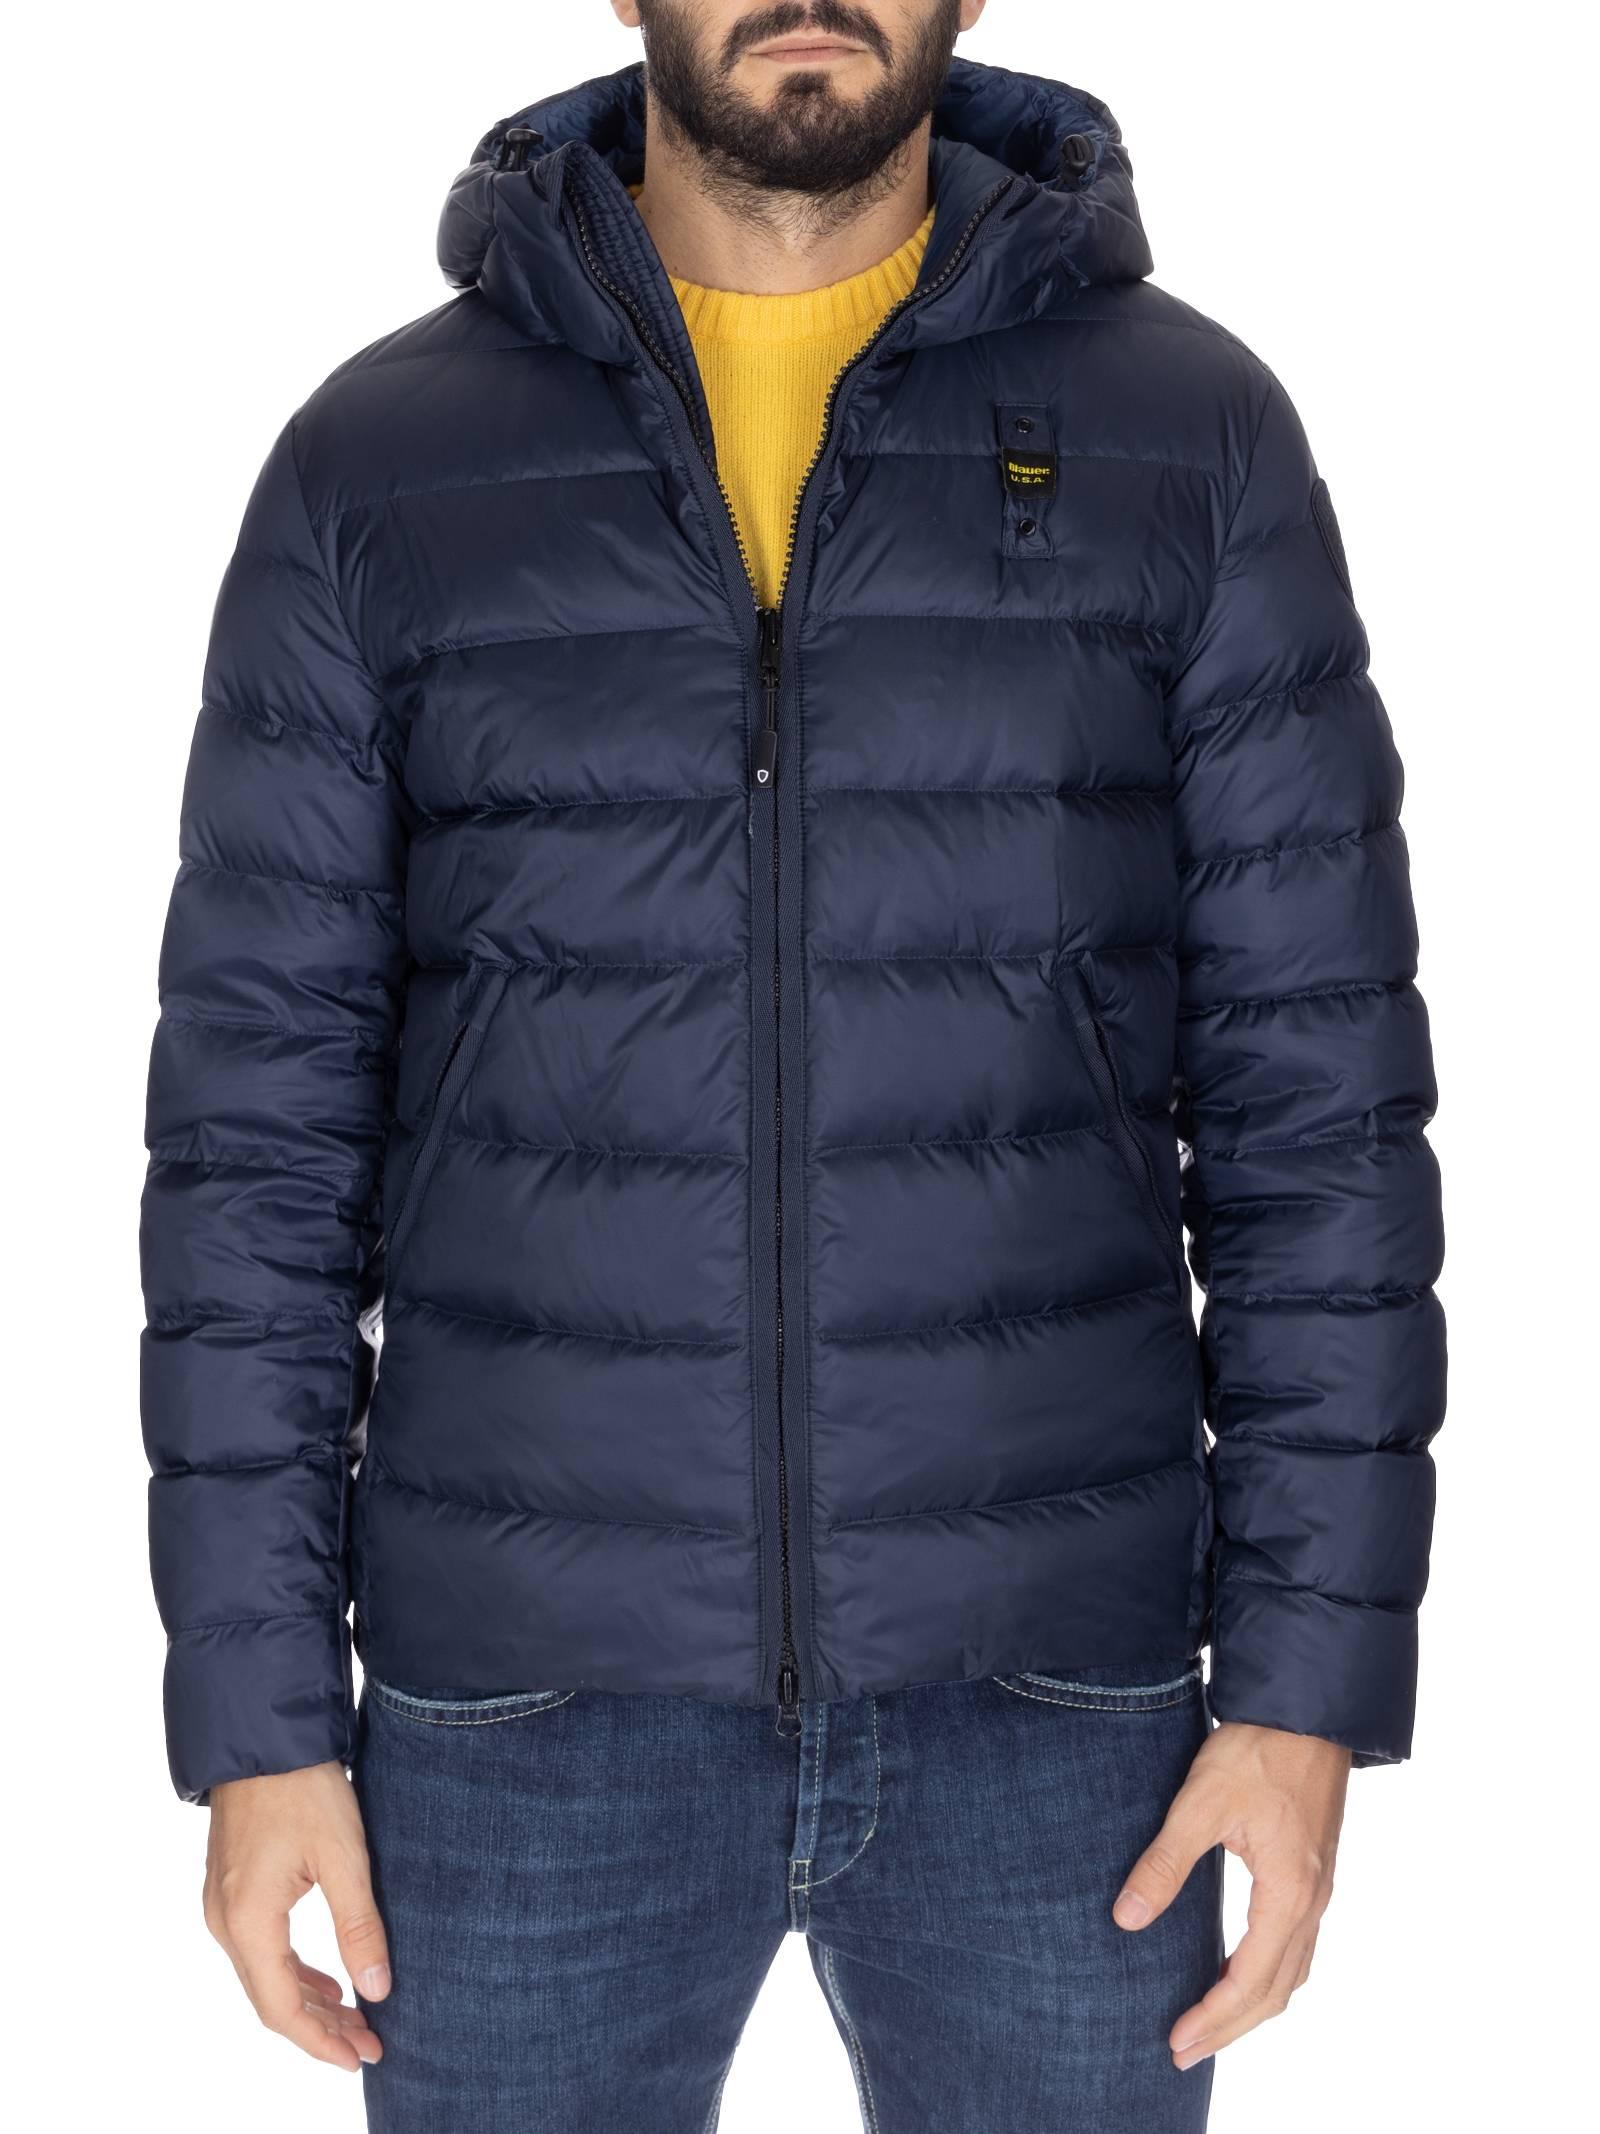 Jacket Blauer BLAUER | -276790253 | WBLUC03096 005772888OC